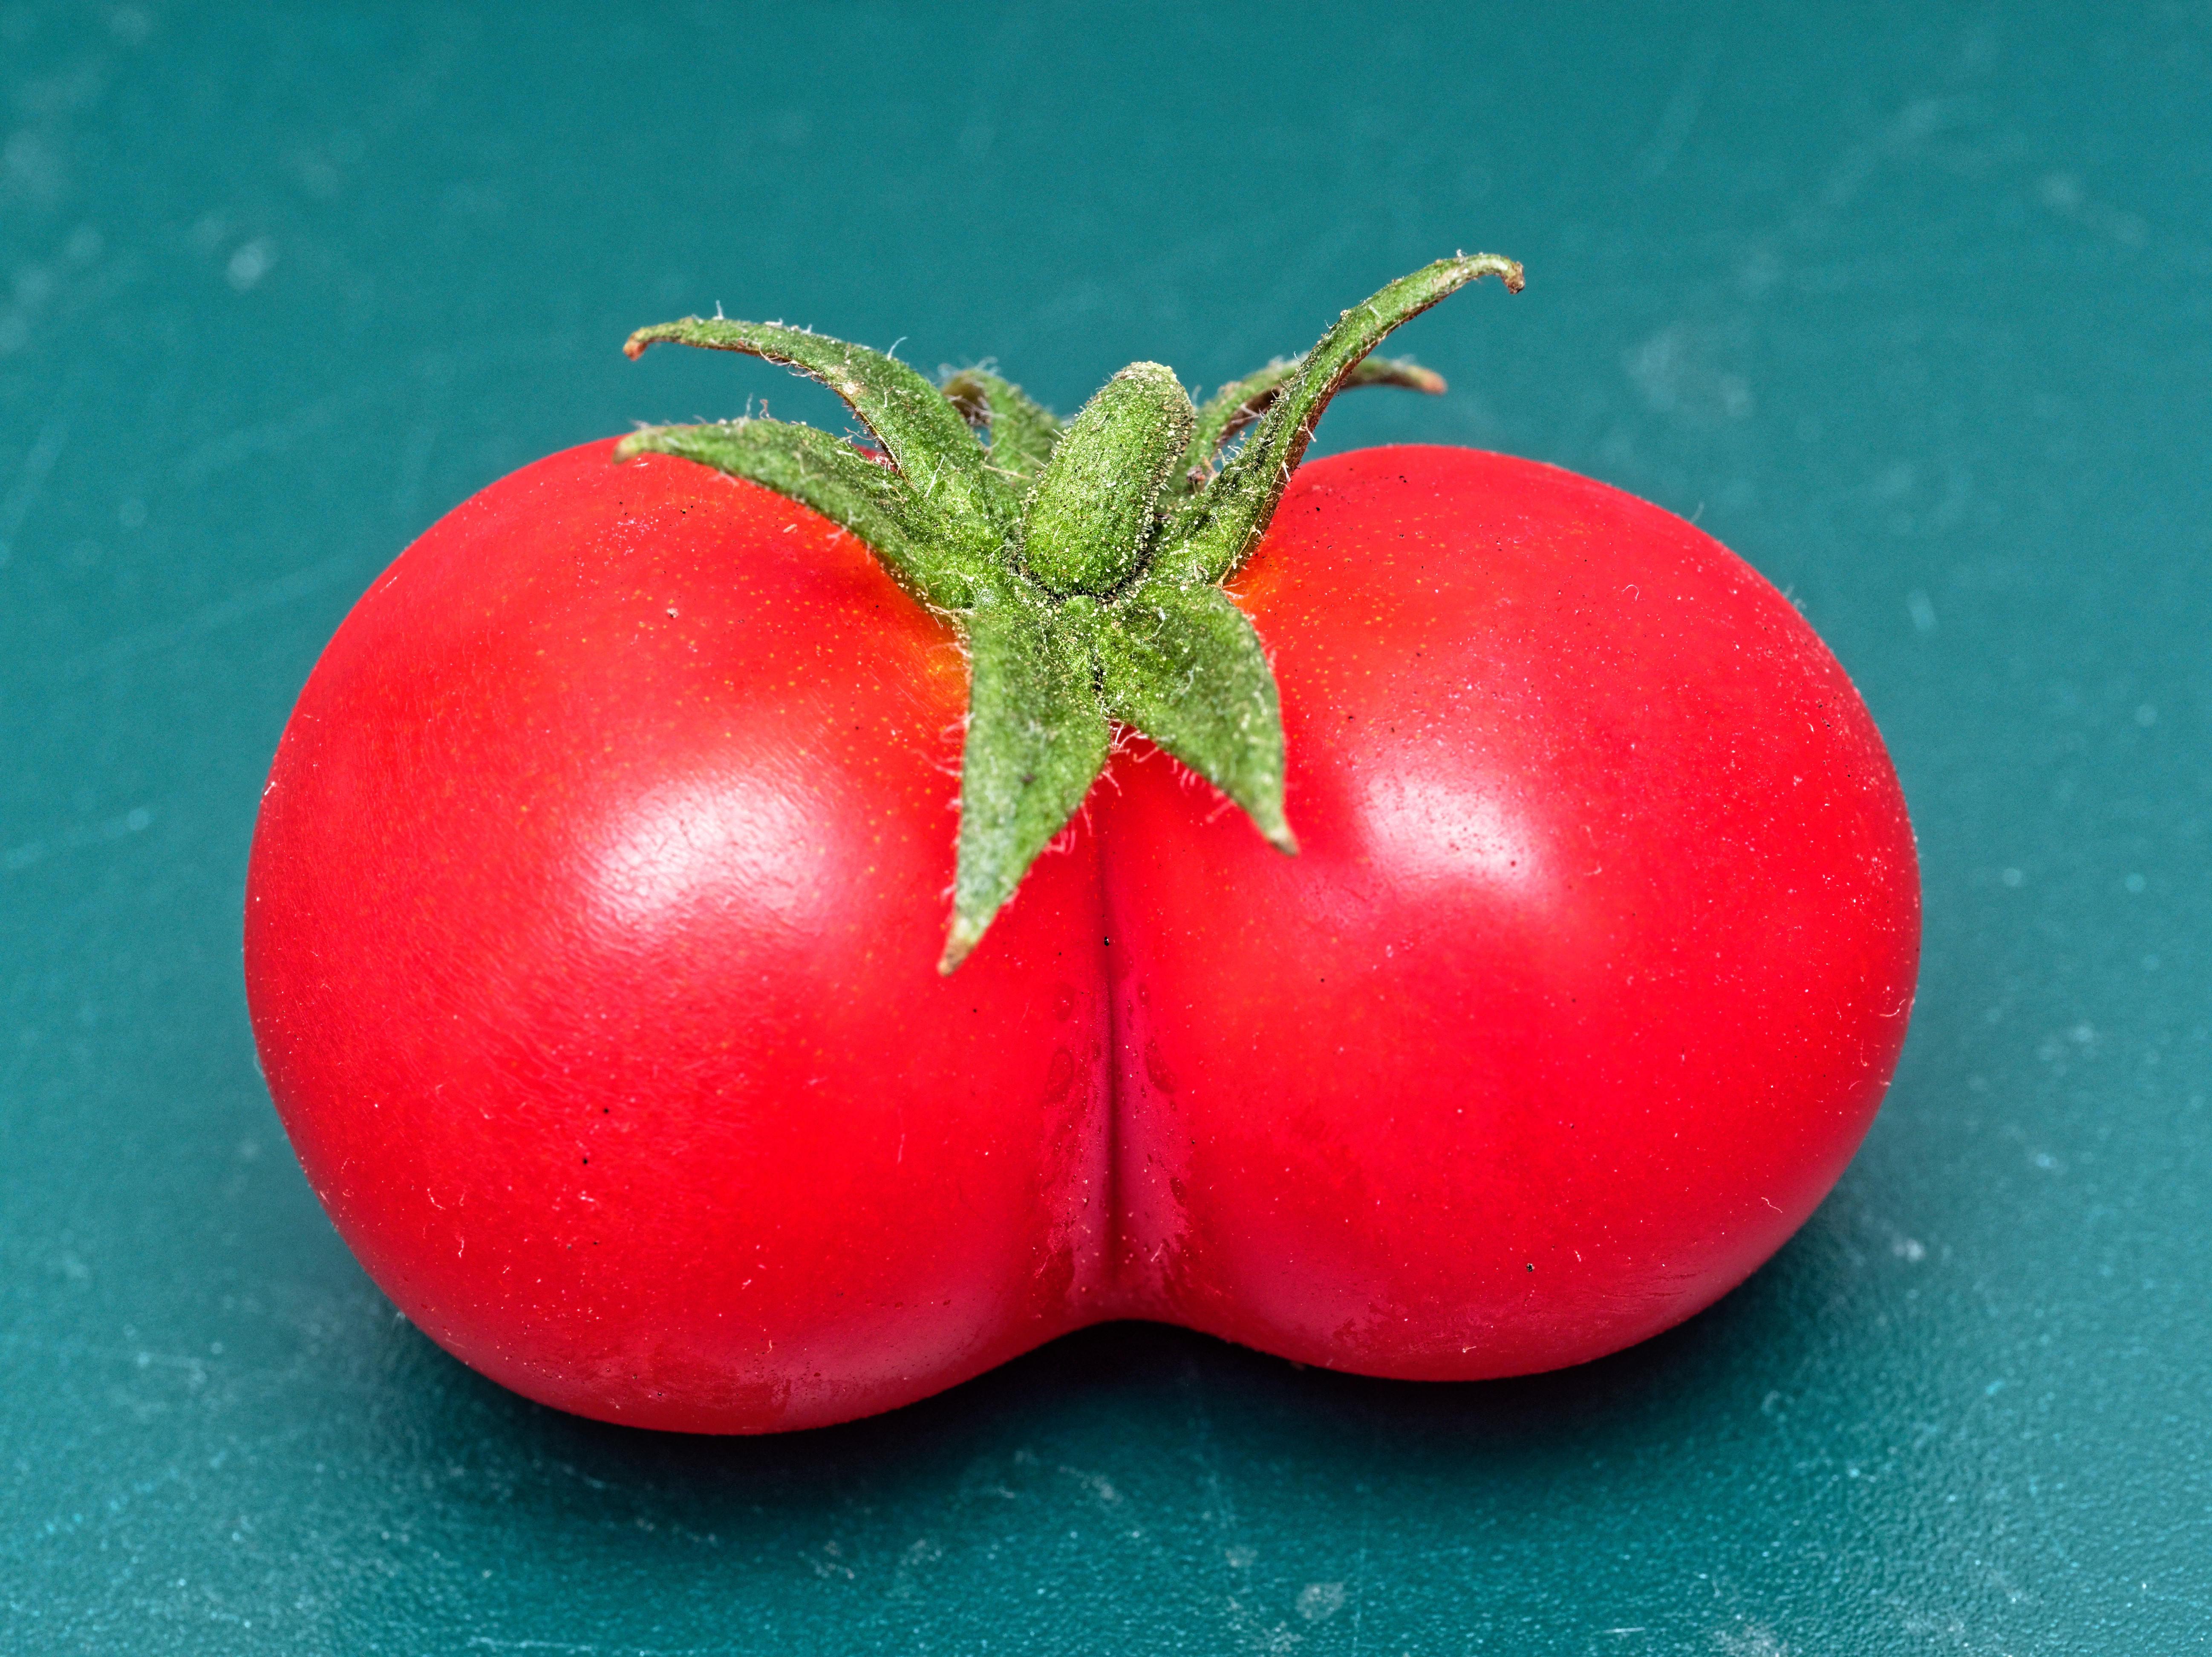 Twin-tomato-2.jpeg